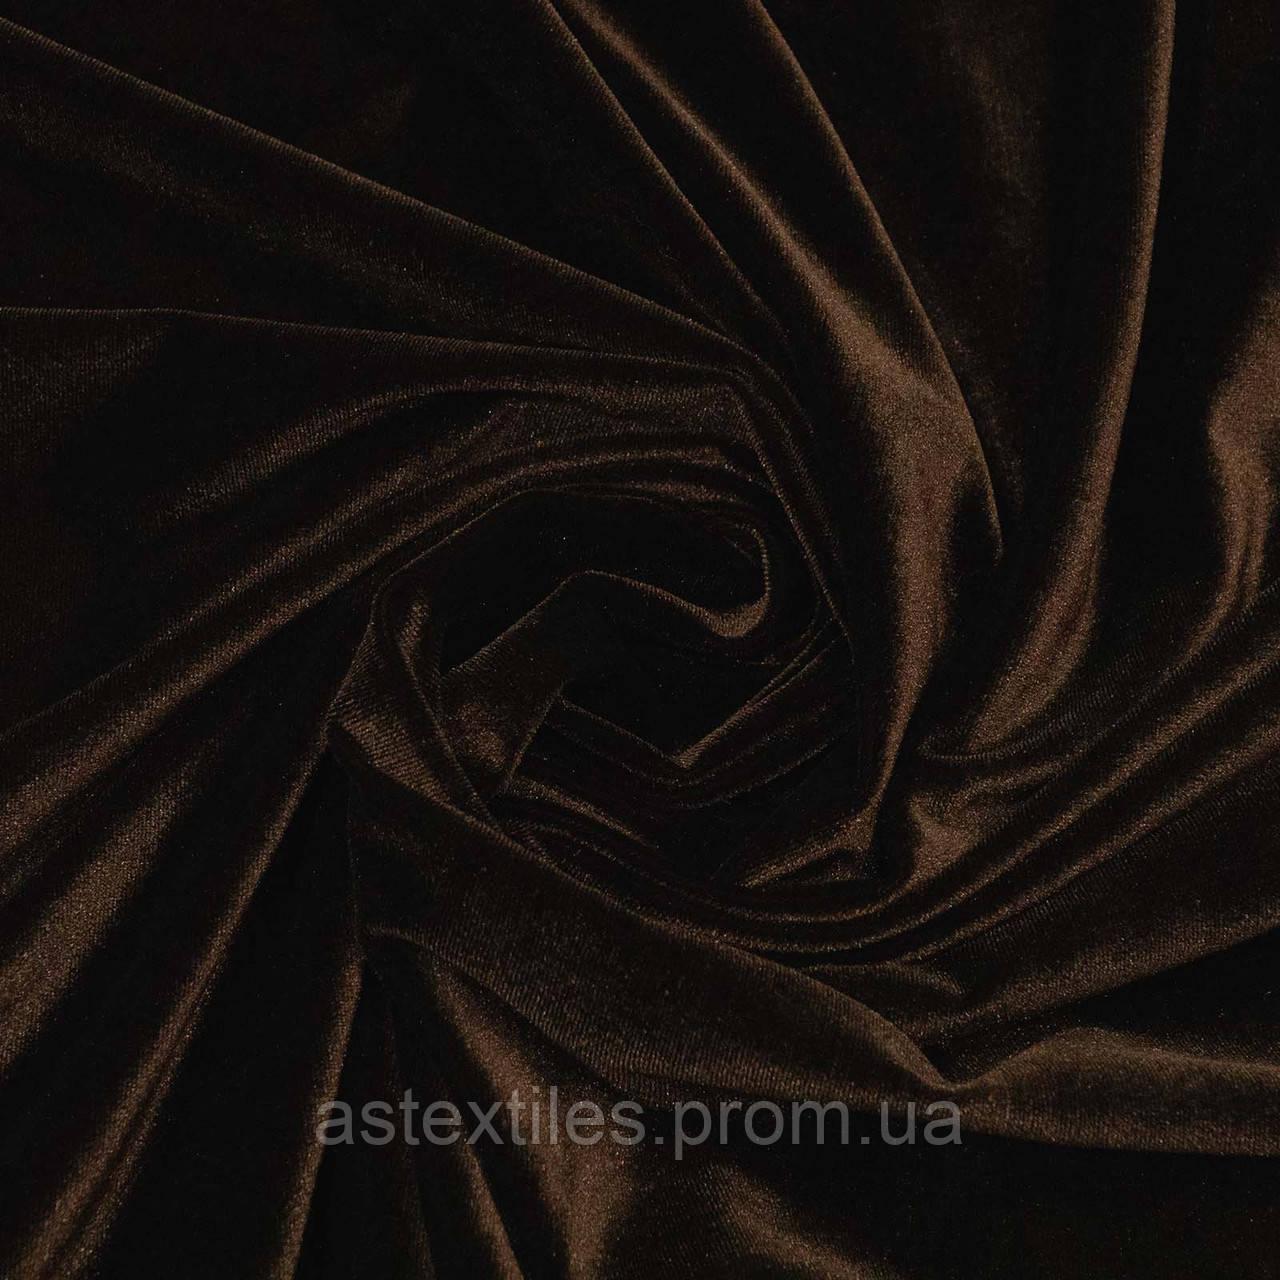 Бархат (коричневый)